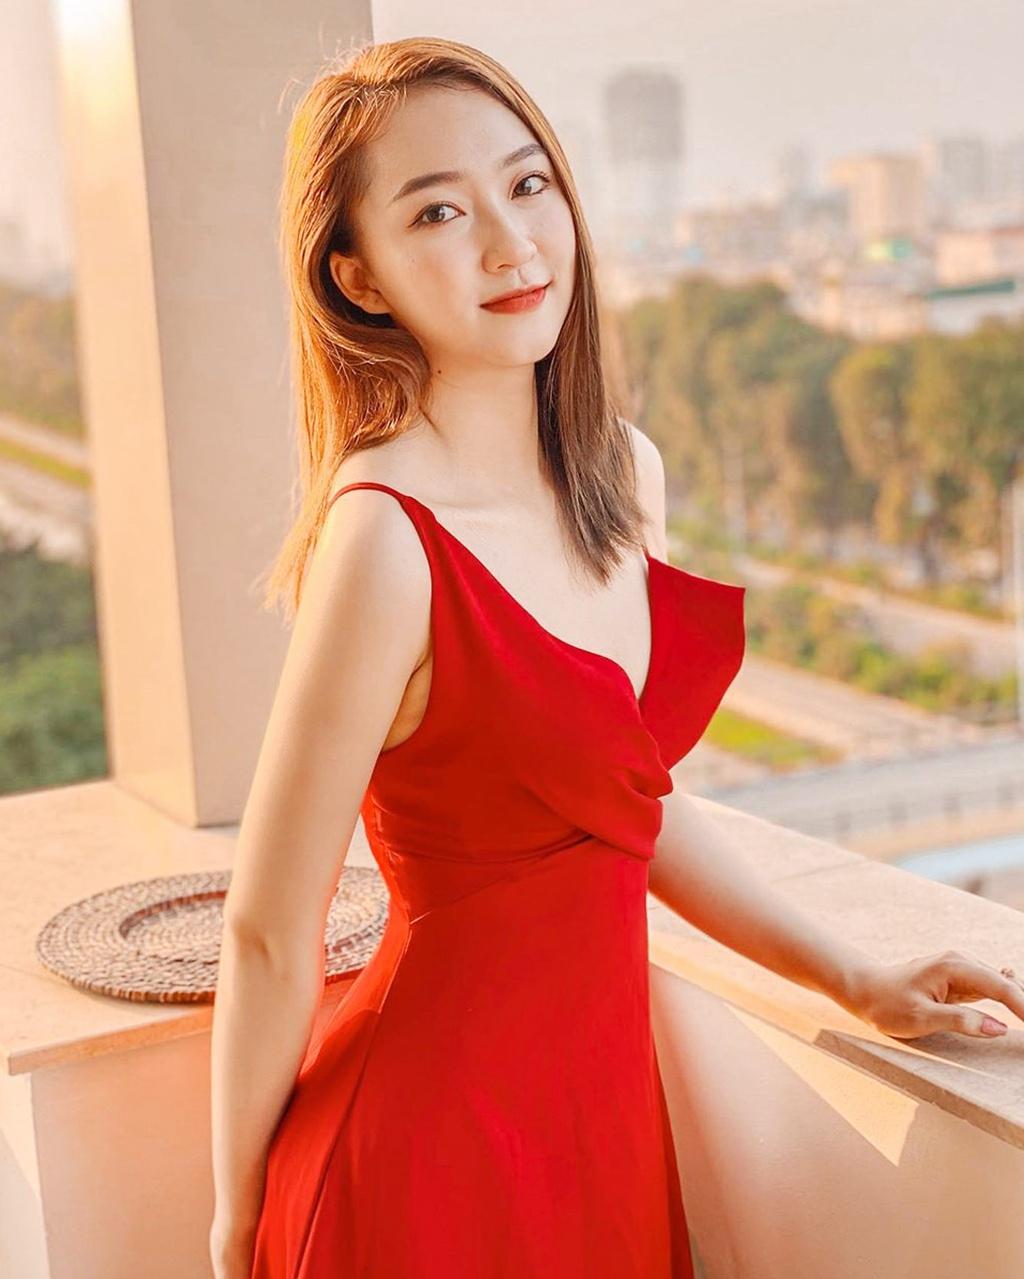 Kim Trà My nhịn ăn gián đoạn để thi Hoa hậu Việt Nam - Hình 4